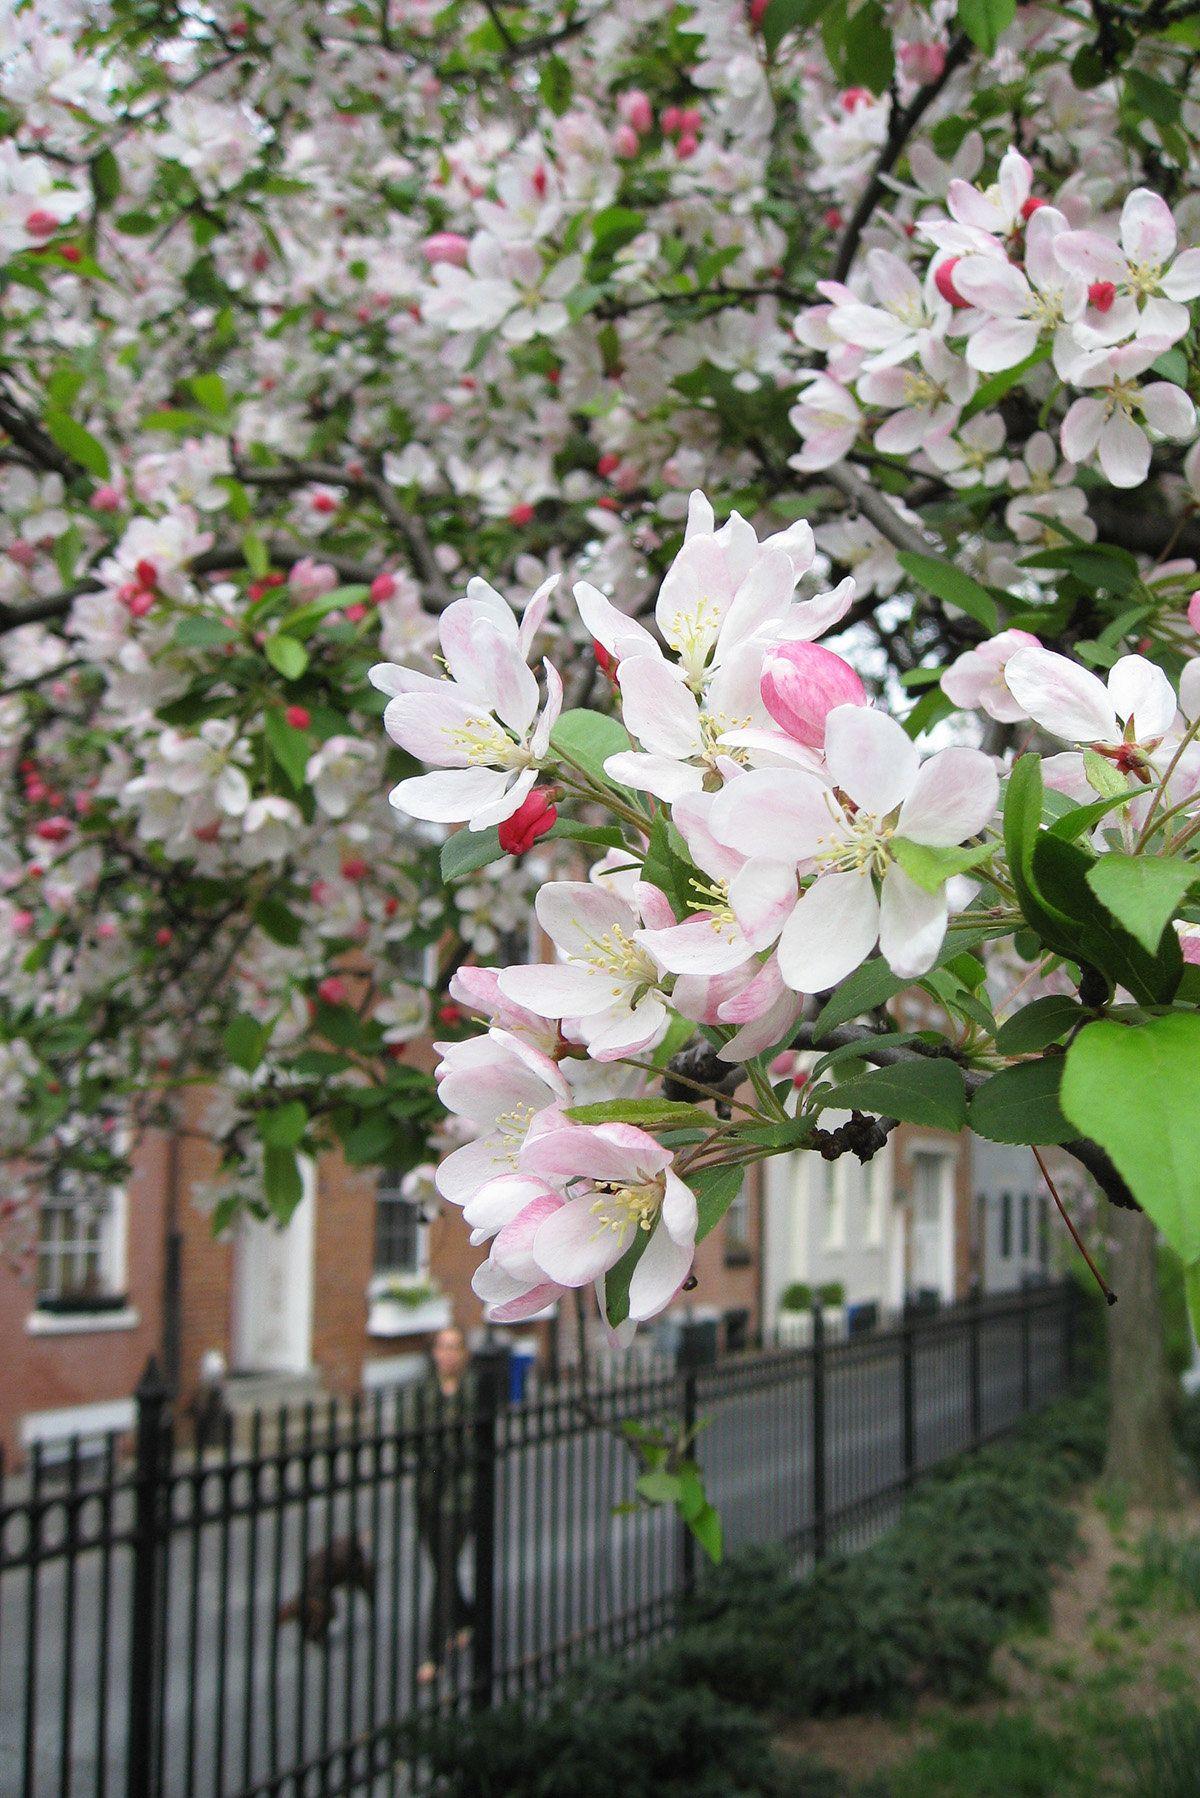 Gardening 101 Crabapple Trees Gardenista Crabapple Tree Flowering Crabapple Tree Apple Tree Care